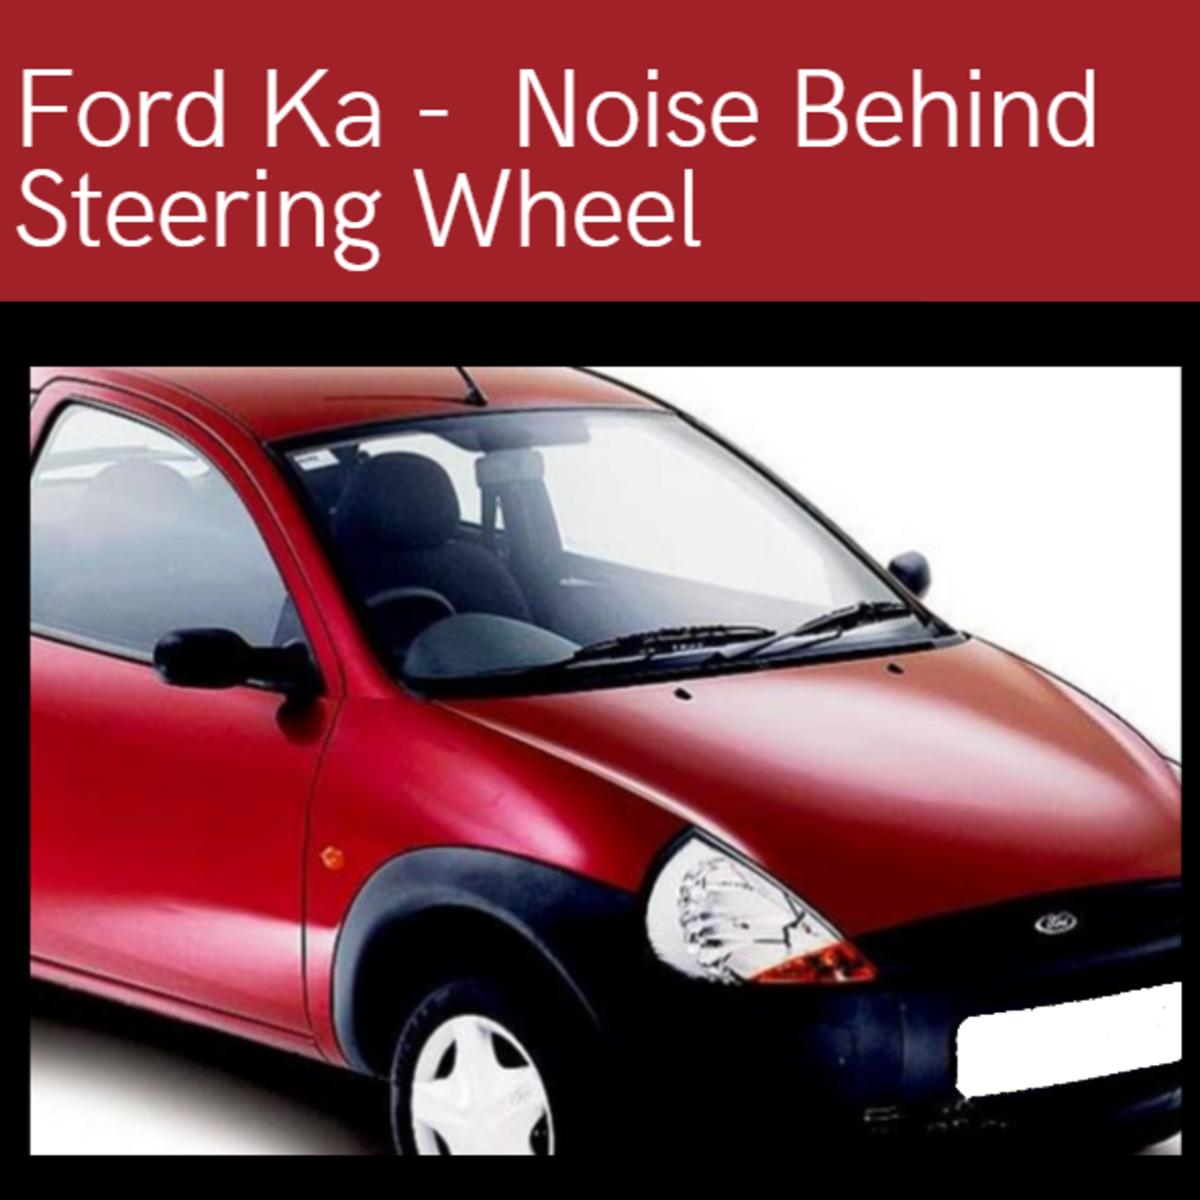 Ford Ka - Noise Behind Steering Wheel.